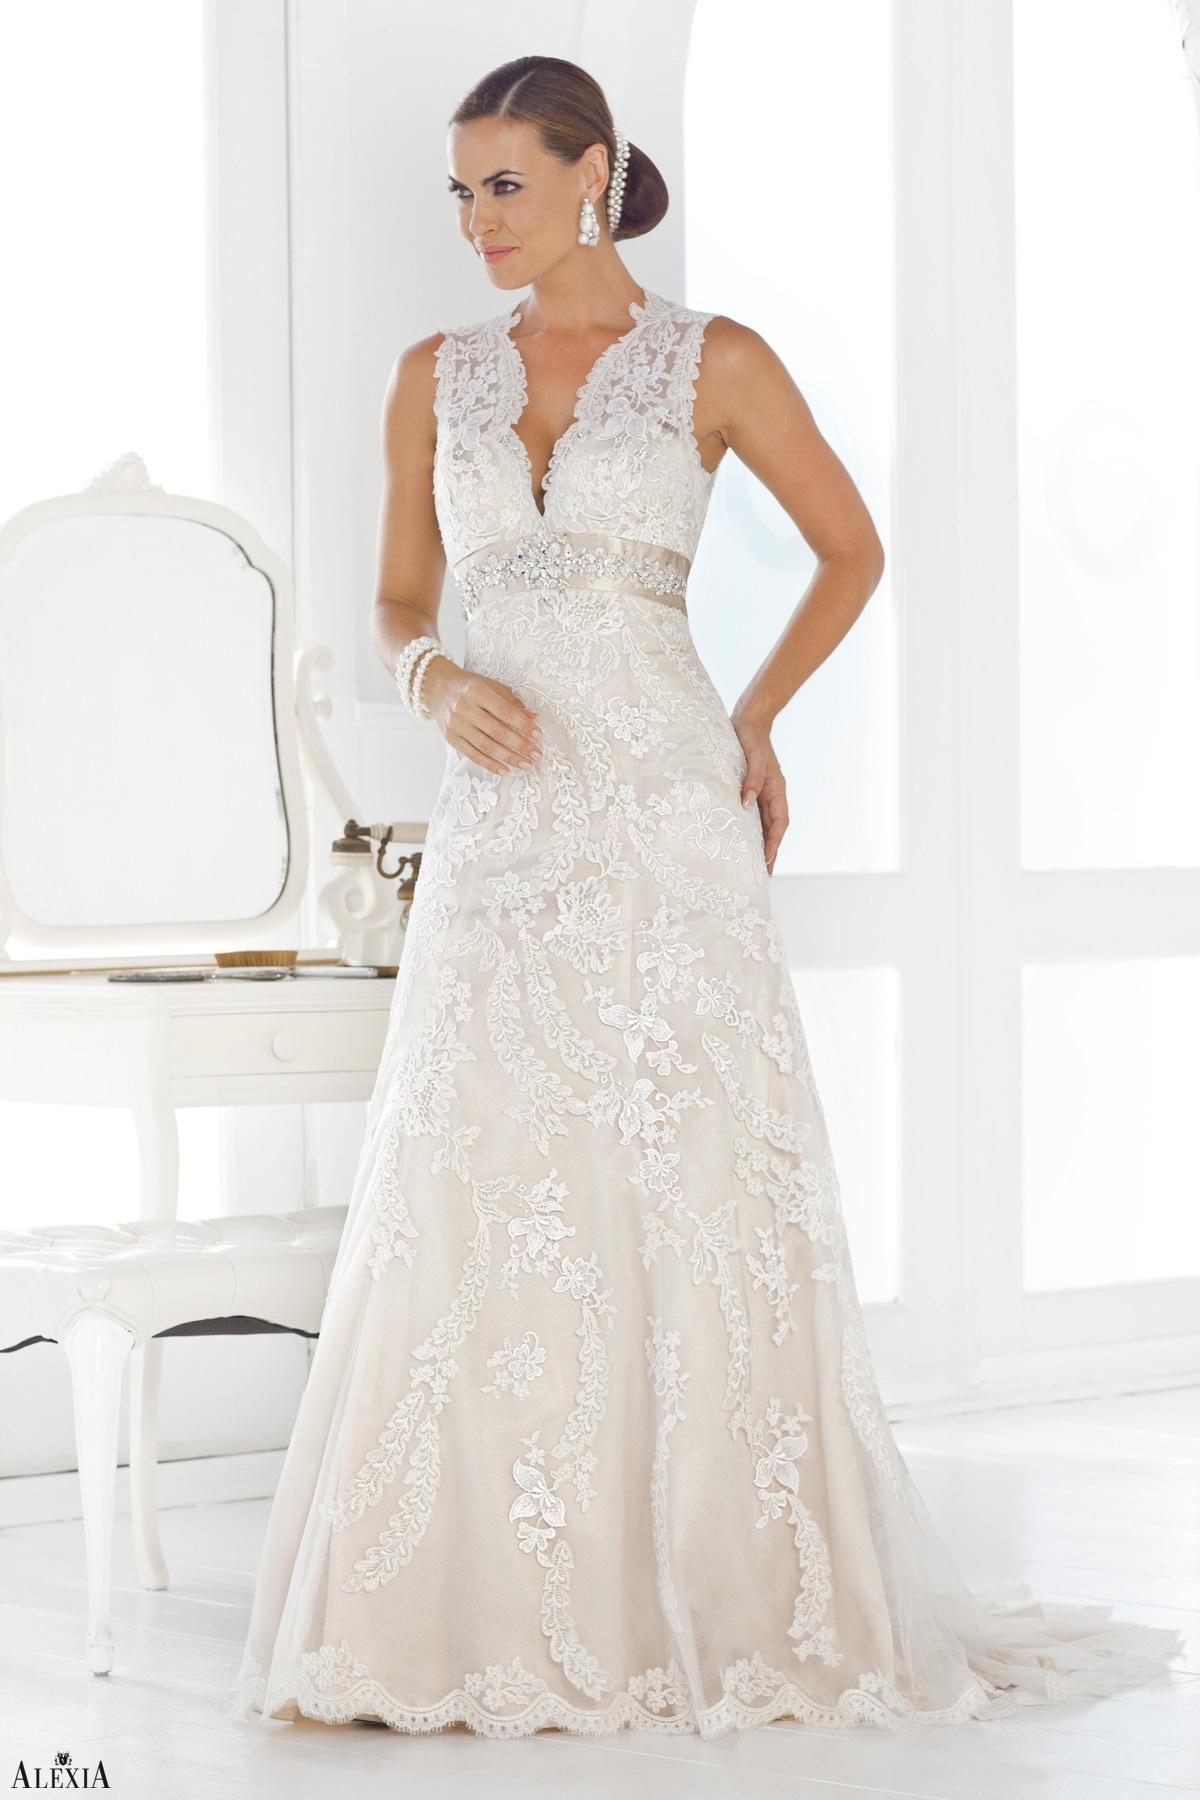 a0f919392770 ... alexiadesigns.com-Wedding-Alexia-Bridal-Long--Style 328. Abiti da sposa  2015 Elie Saab  la nuova collezione Economici Negozio ...